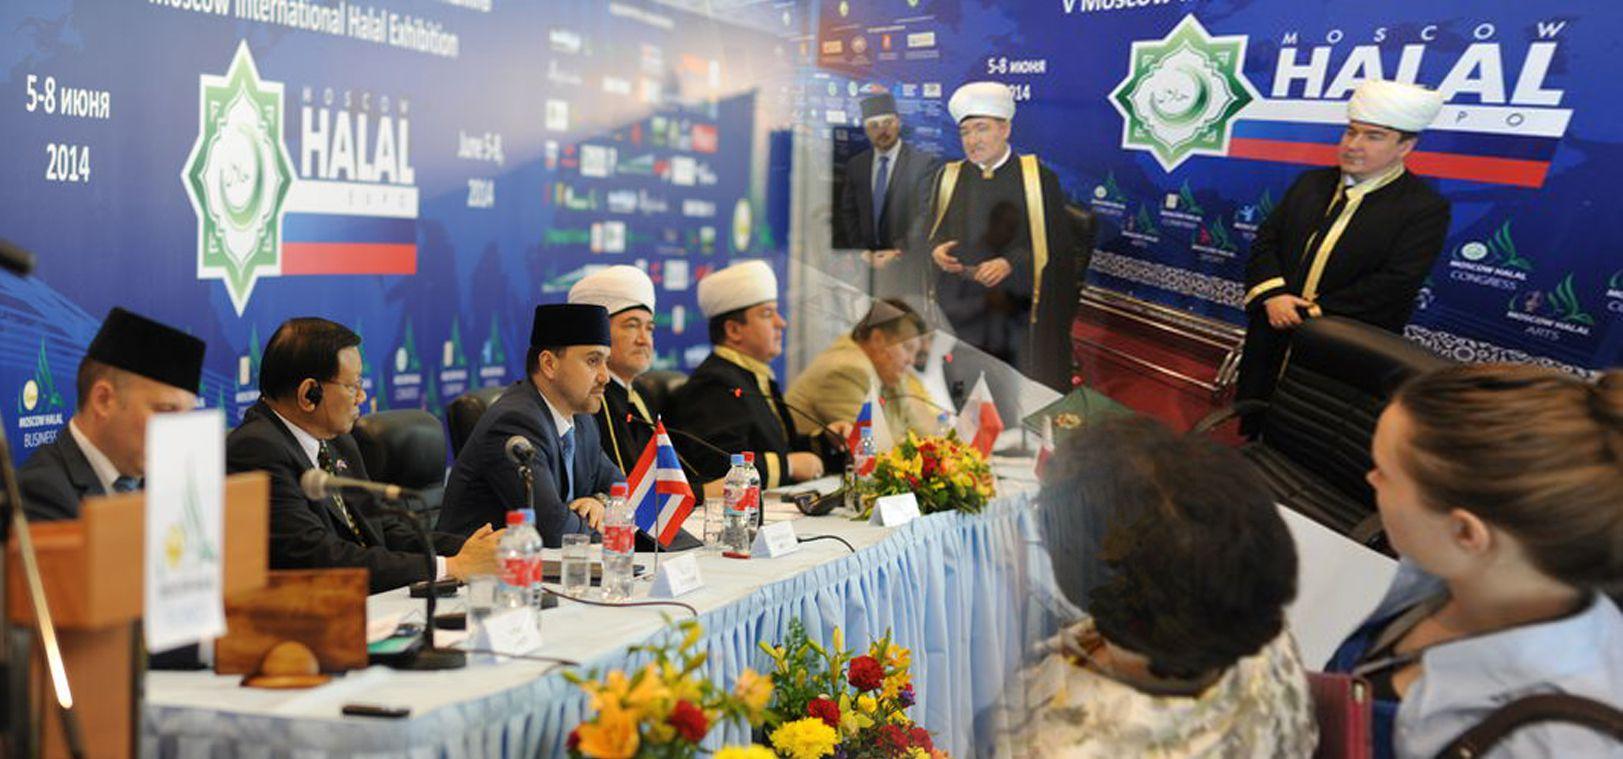 Azeri Sahar Tv | В Москве открылась международная выставка-форум Moscow Halal Expo 2015 |